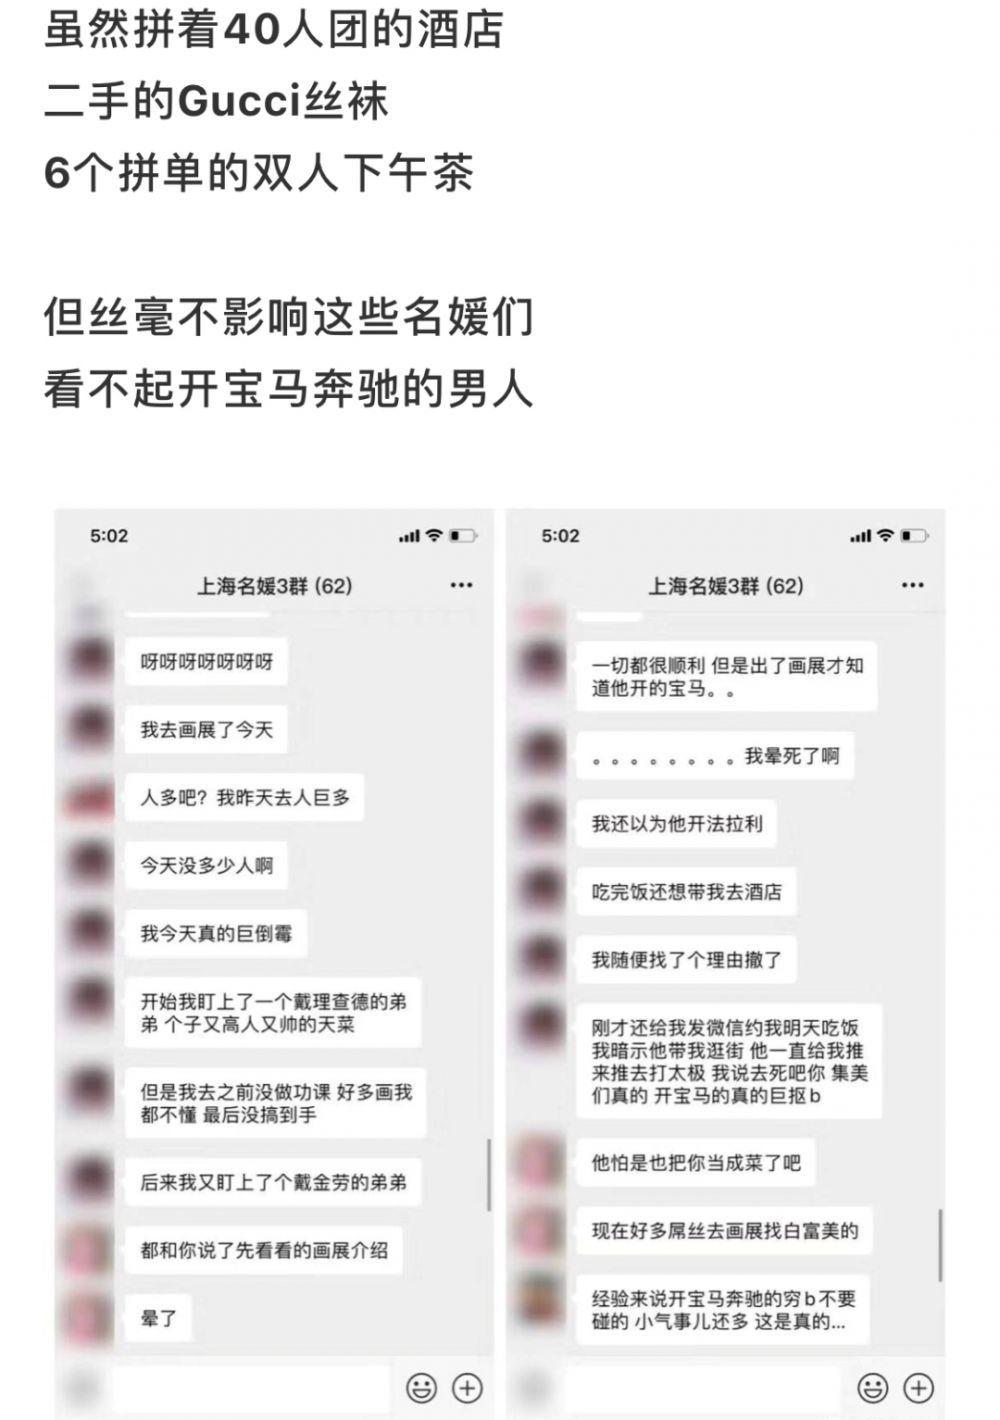 被上海名媛圈笑吐了,Gucci公关哭晕在厕所-第23张图片-周小辉博客